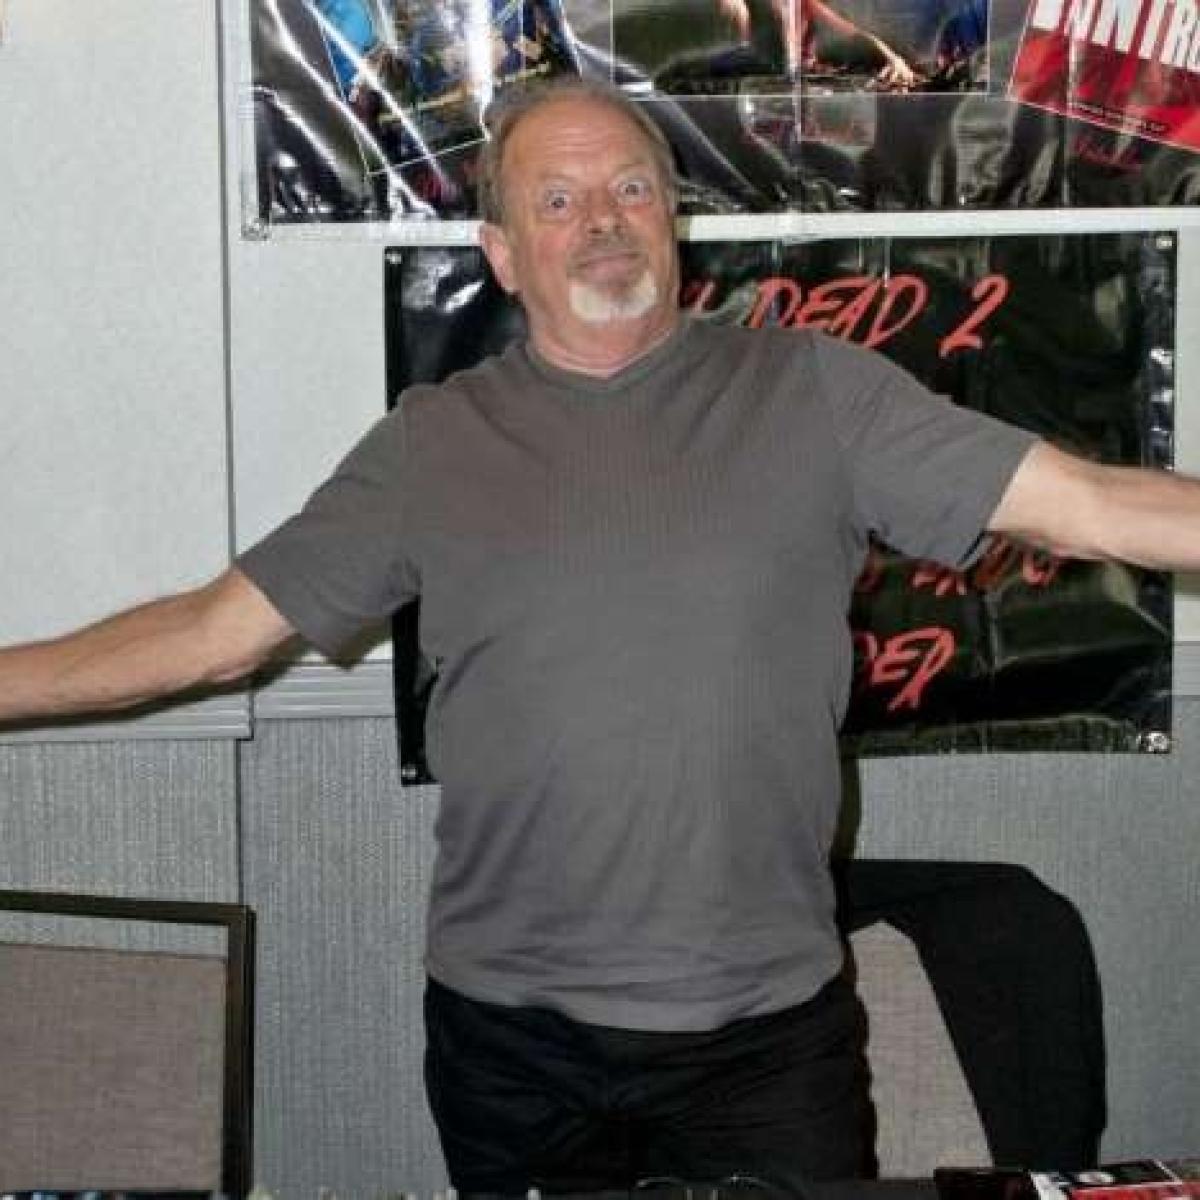 'Evil Dead II' actor Danny Hicks dies at 68 battling cancer